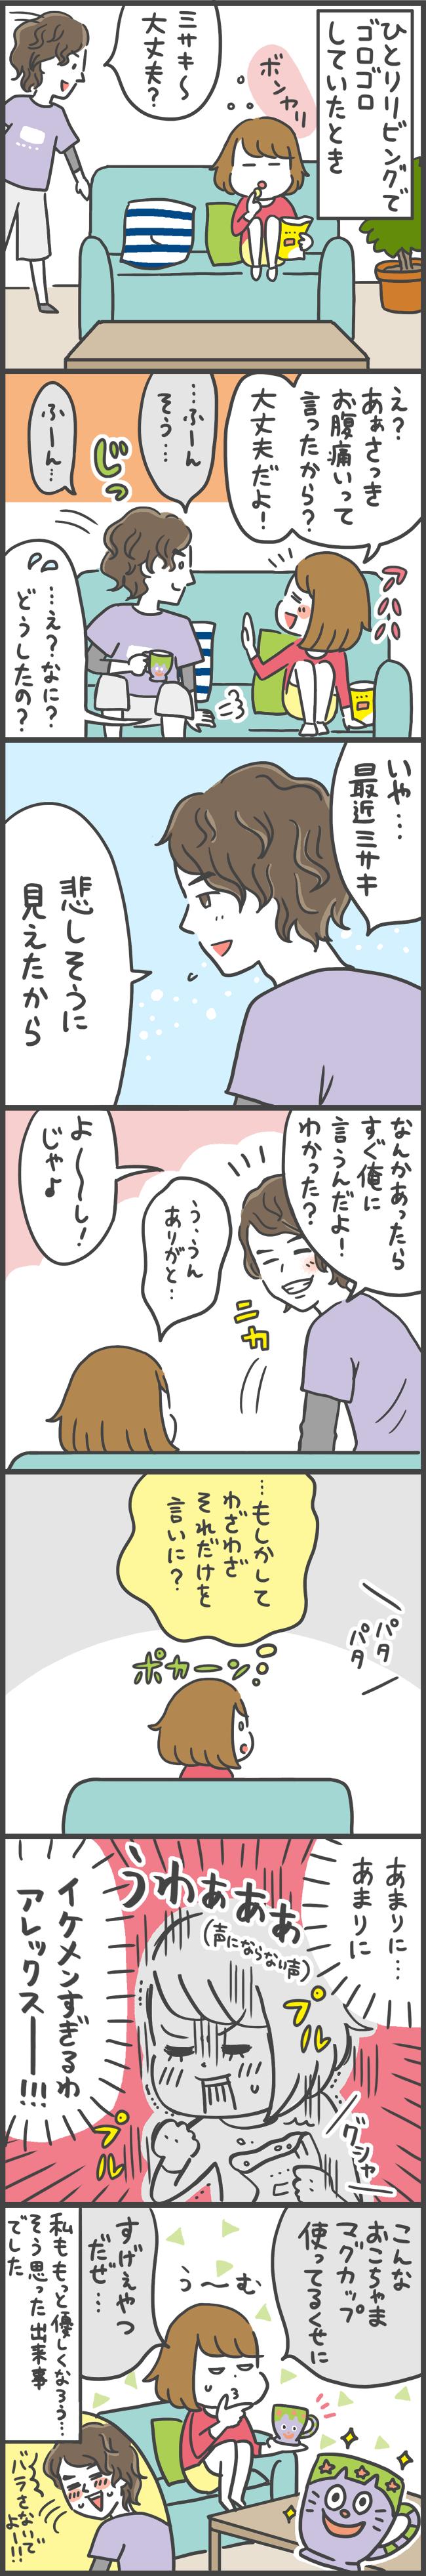 みさPさん・あきばさんのWebマンガ第14回